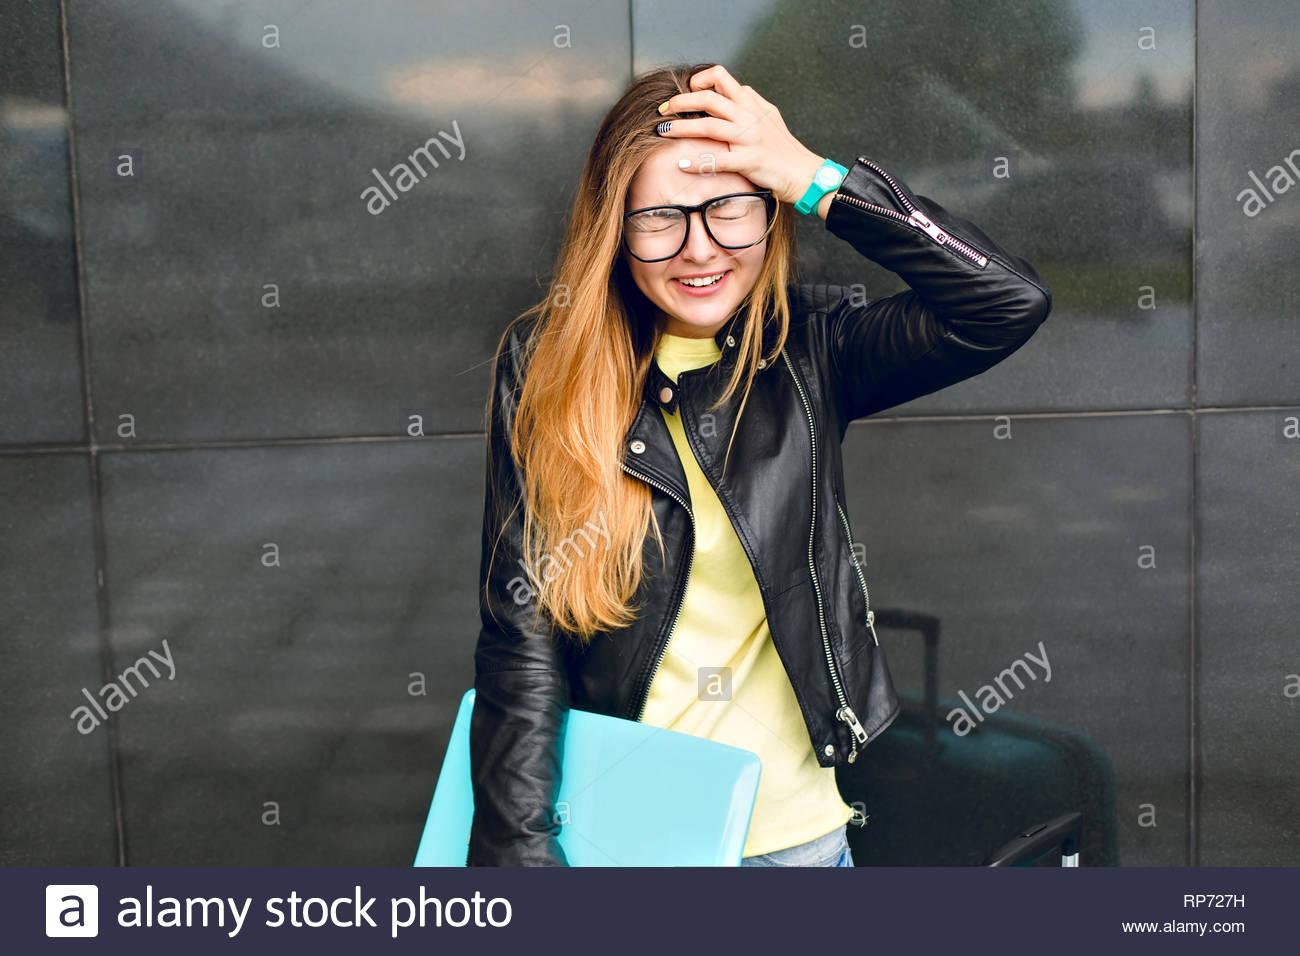 Porträt der jungen Mädchen mit schwarzen Gläsern und lange Haare stehen draußen auf schwarzen Hintergrund. Sie trägt gelb Pullover und schwarze Jacke. Sie sieht Stockbild